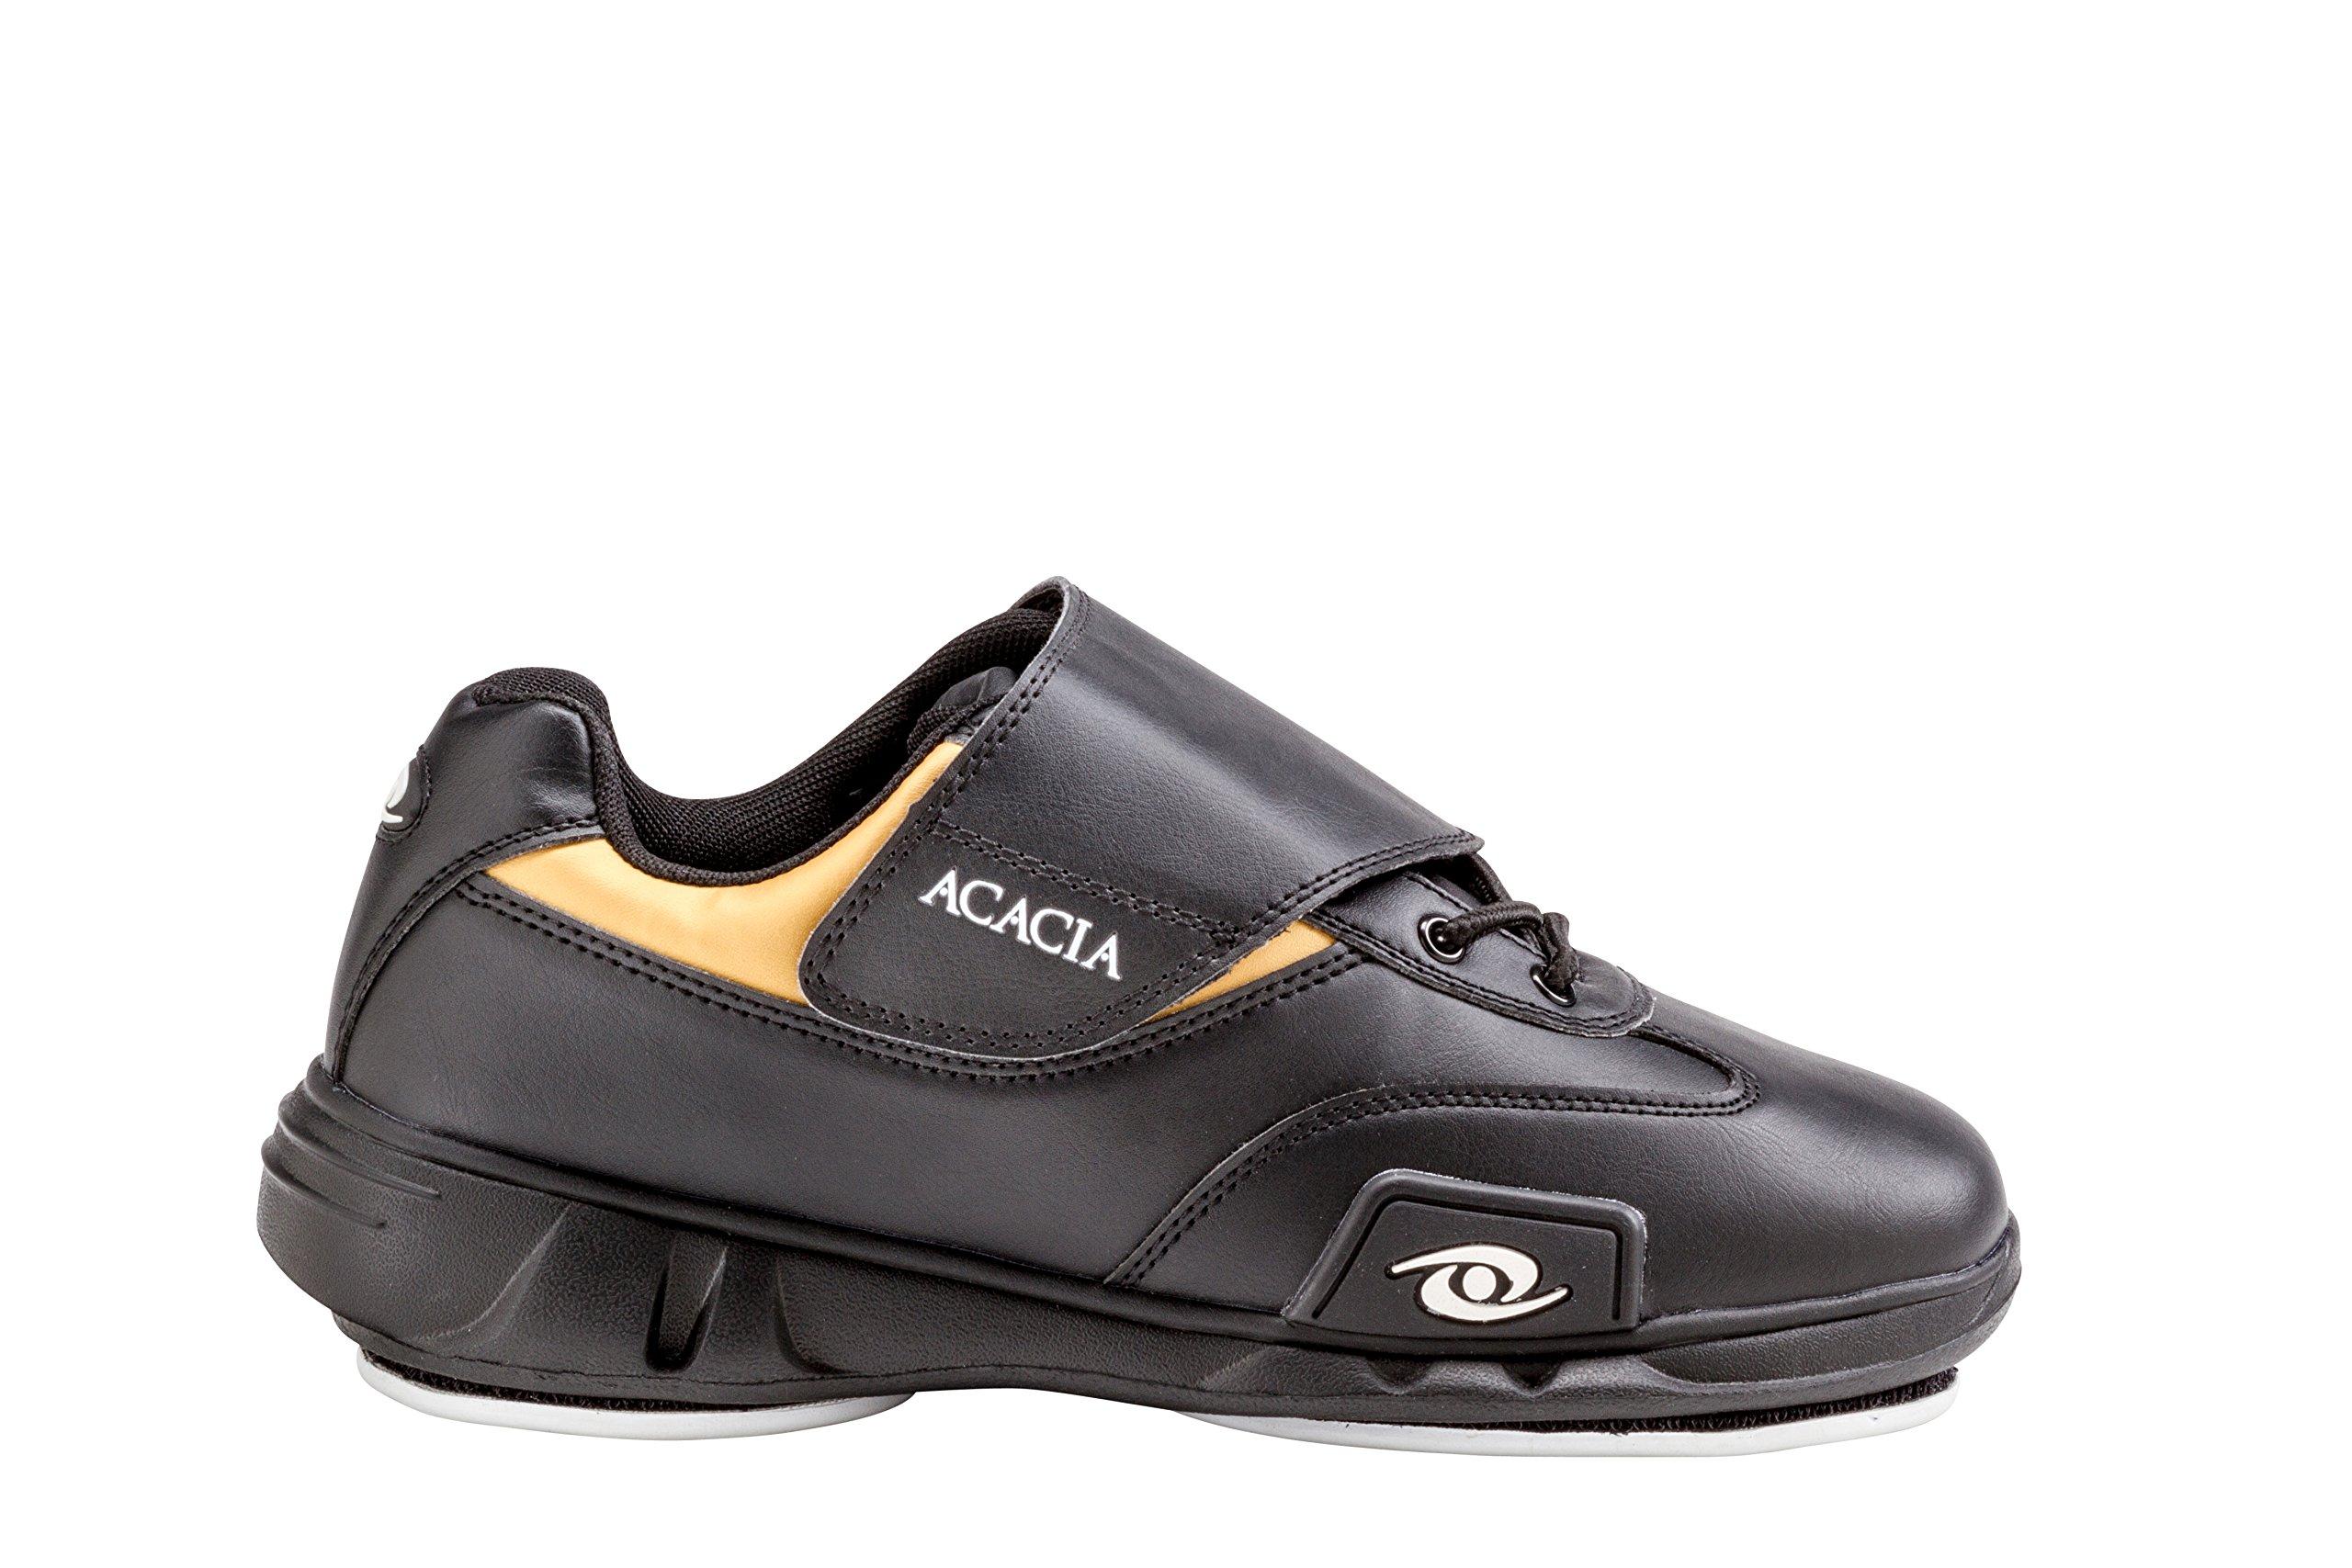 ACACIA Matrix Curling Shoes 7, Black/Gold